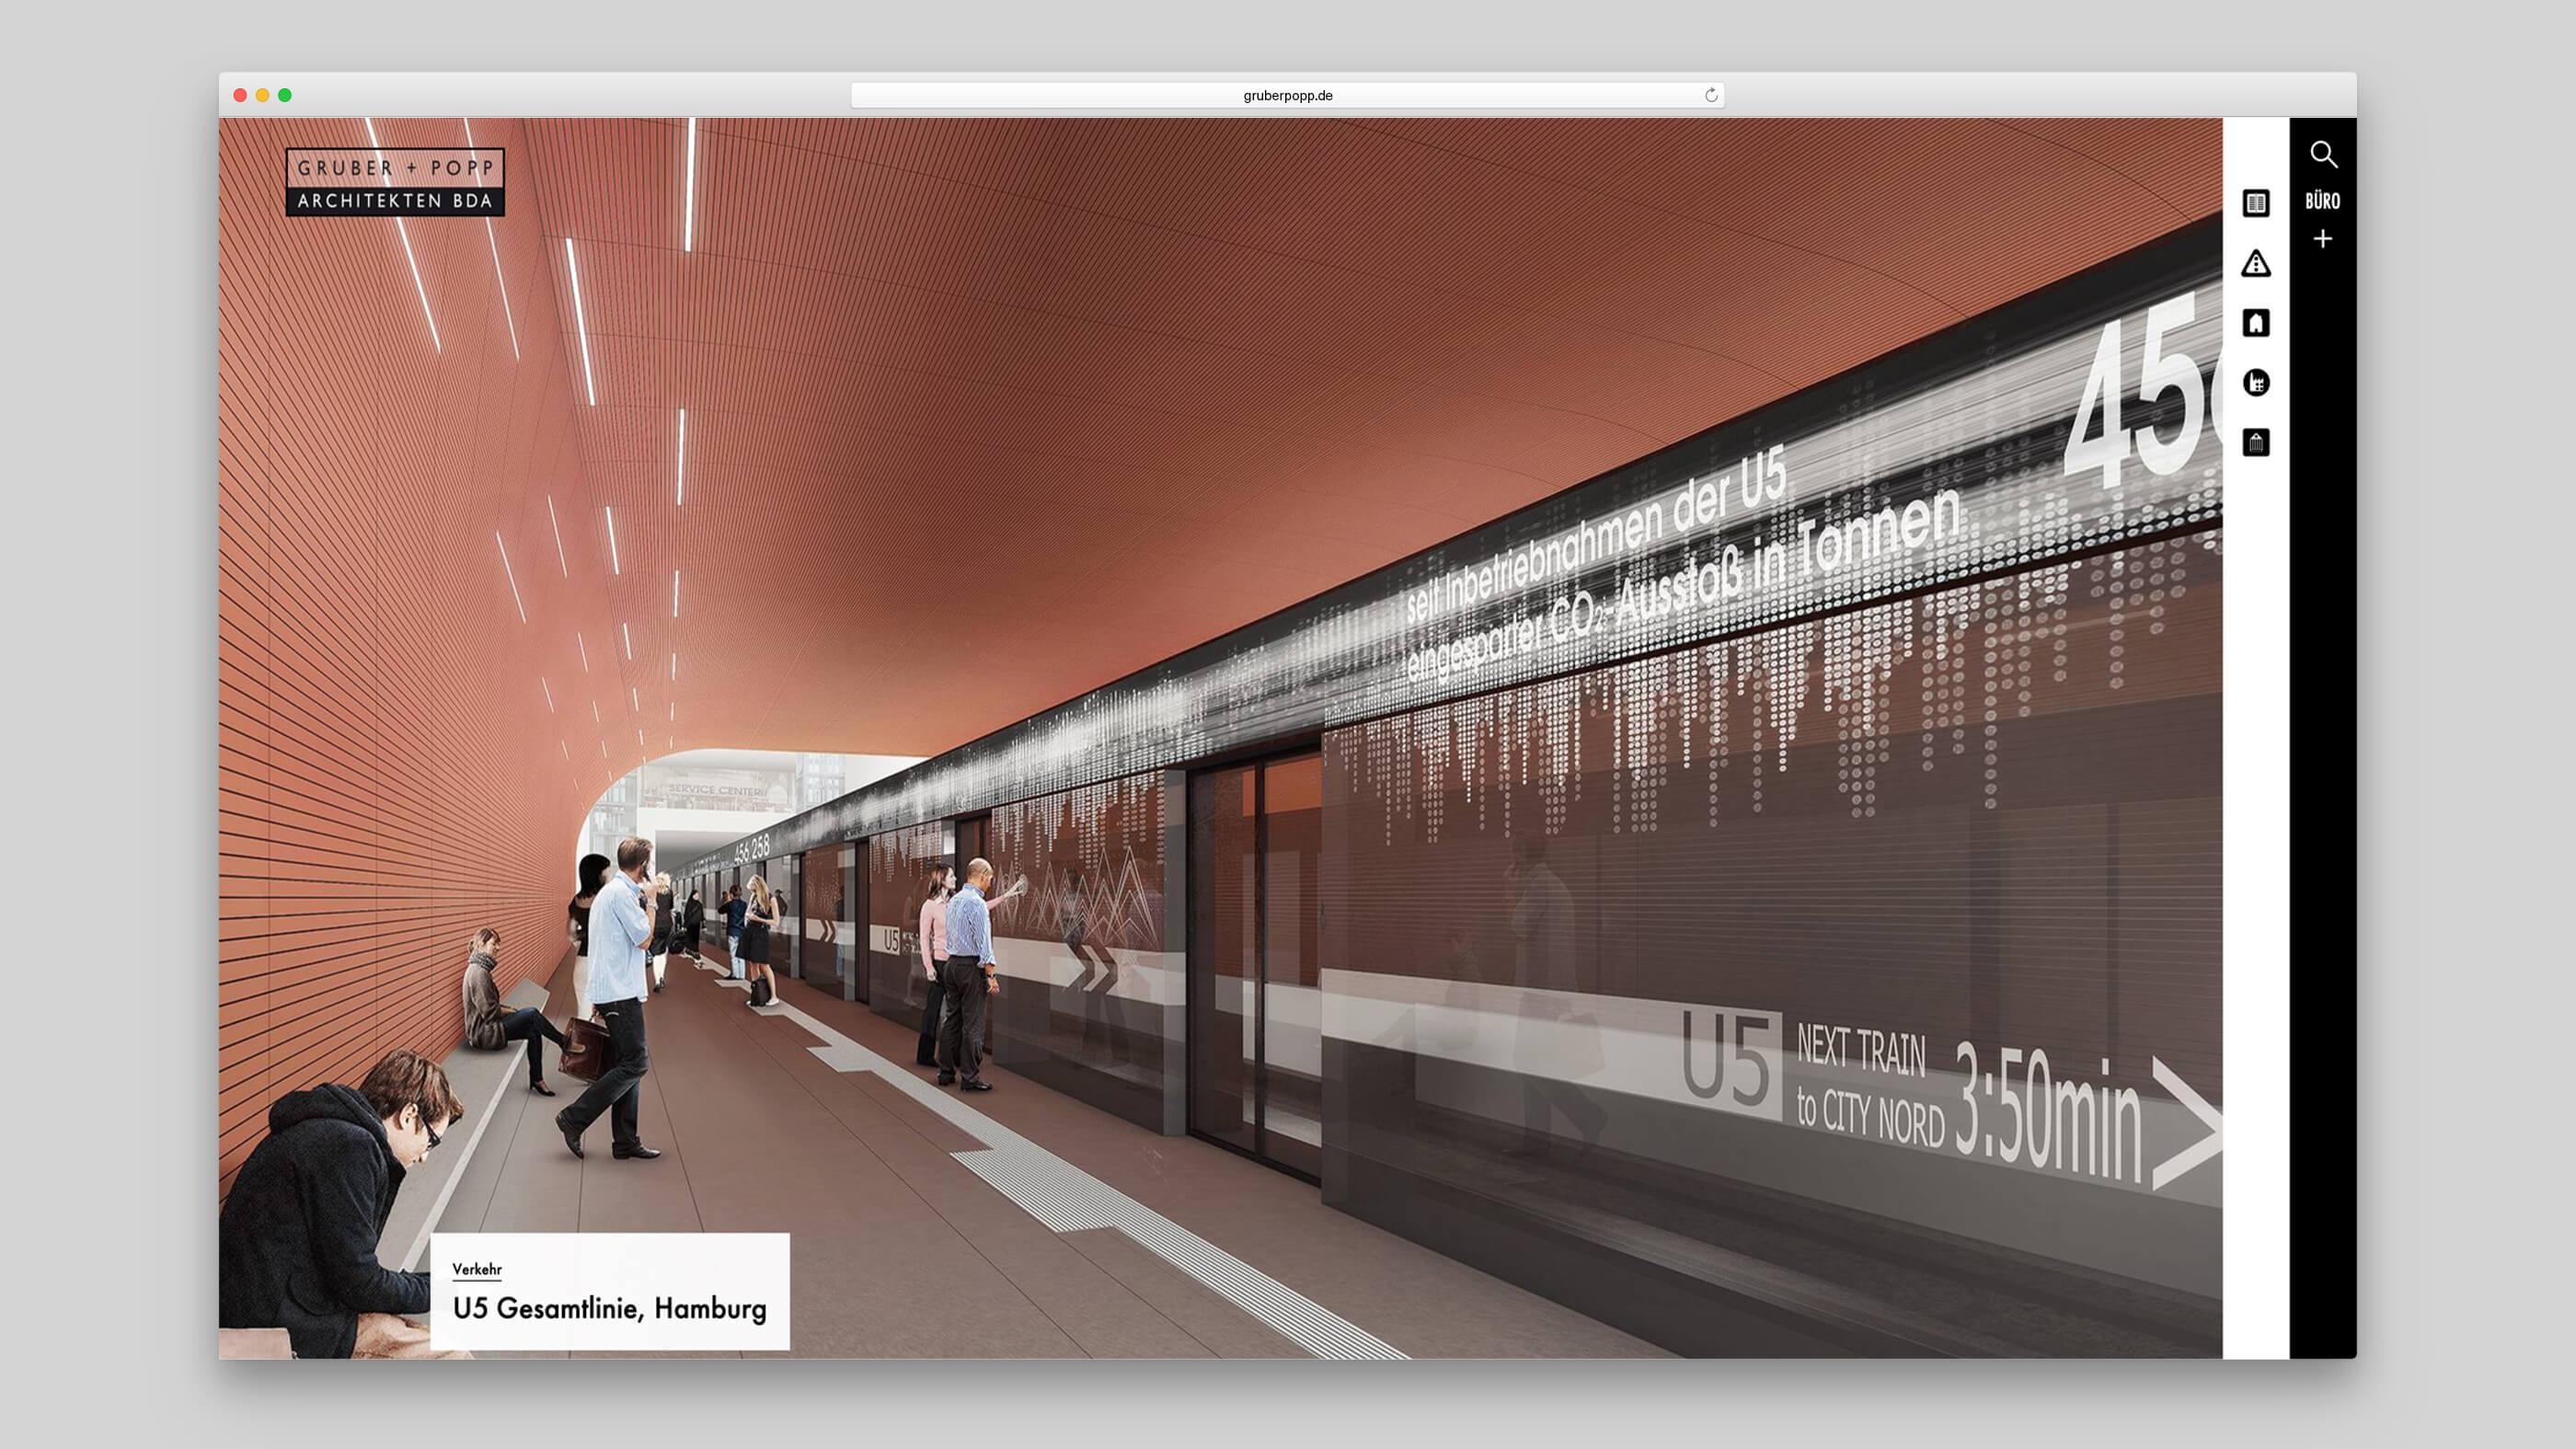 U5 in Hamburg, gestaltet von Gruber und Popp Architekten